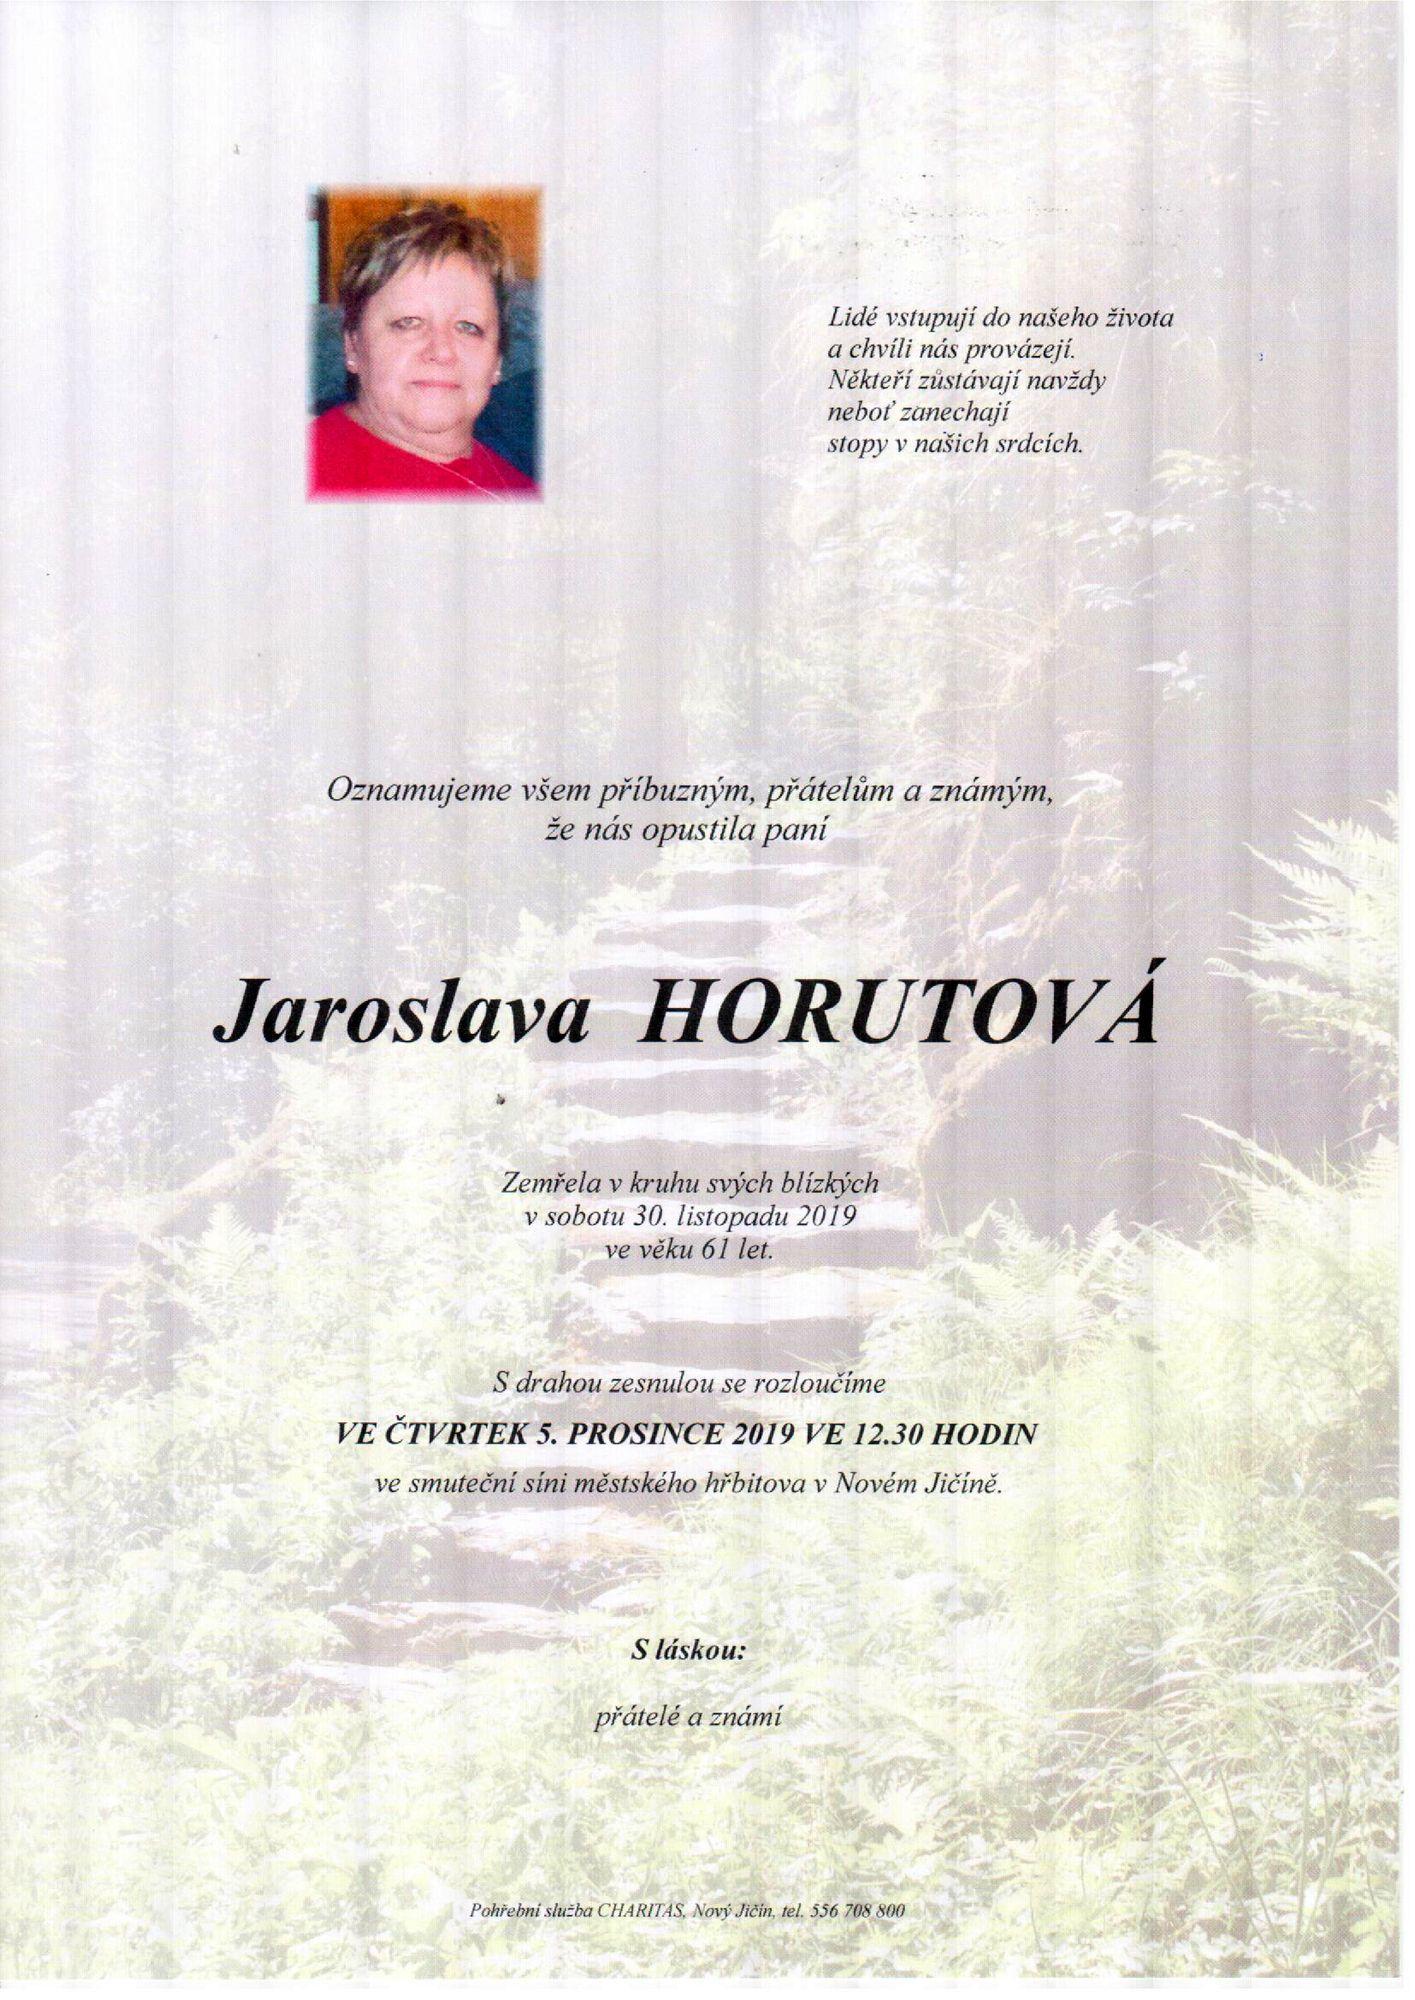 Jaroslava Horutová